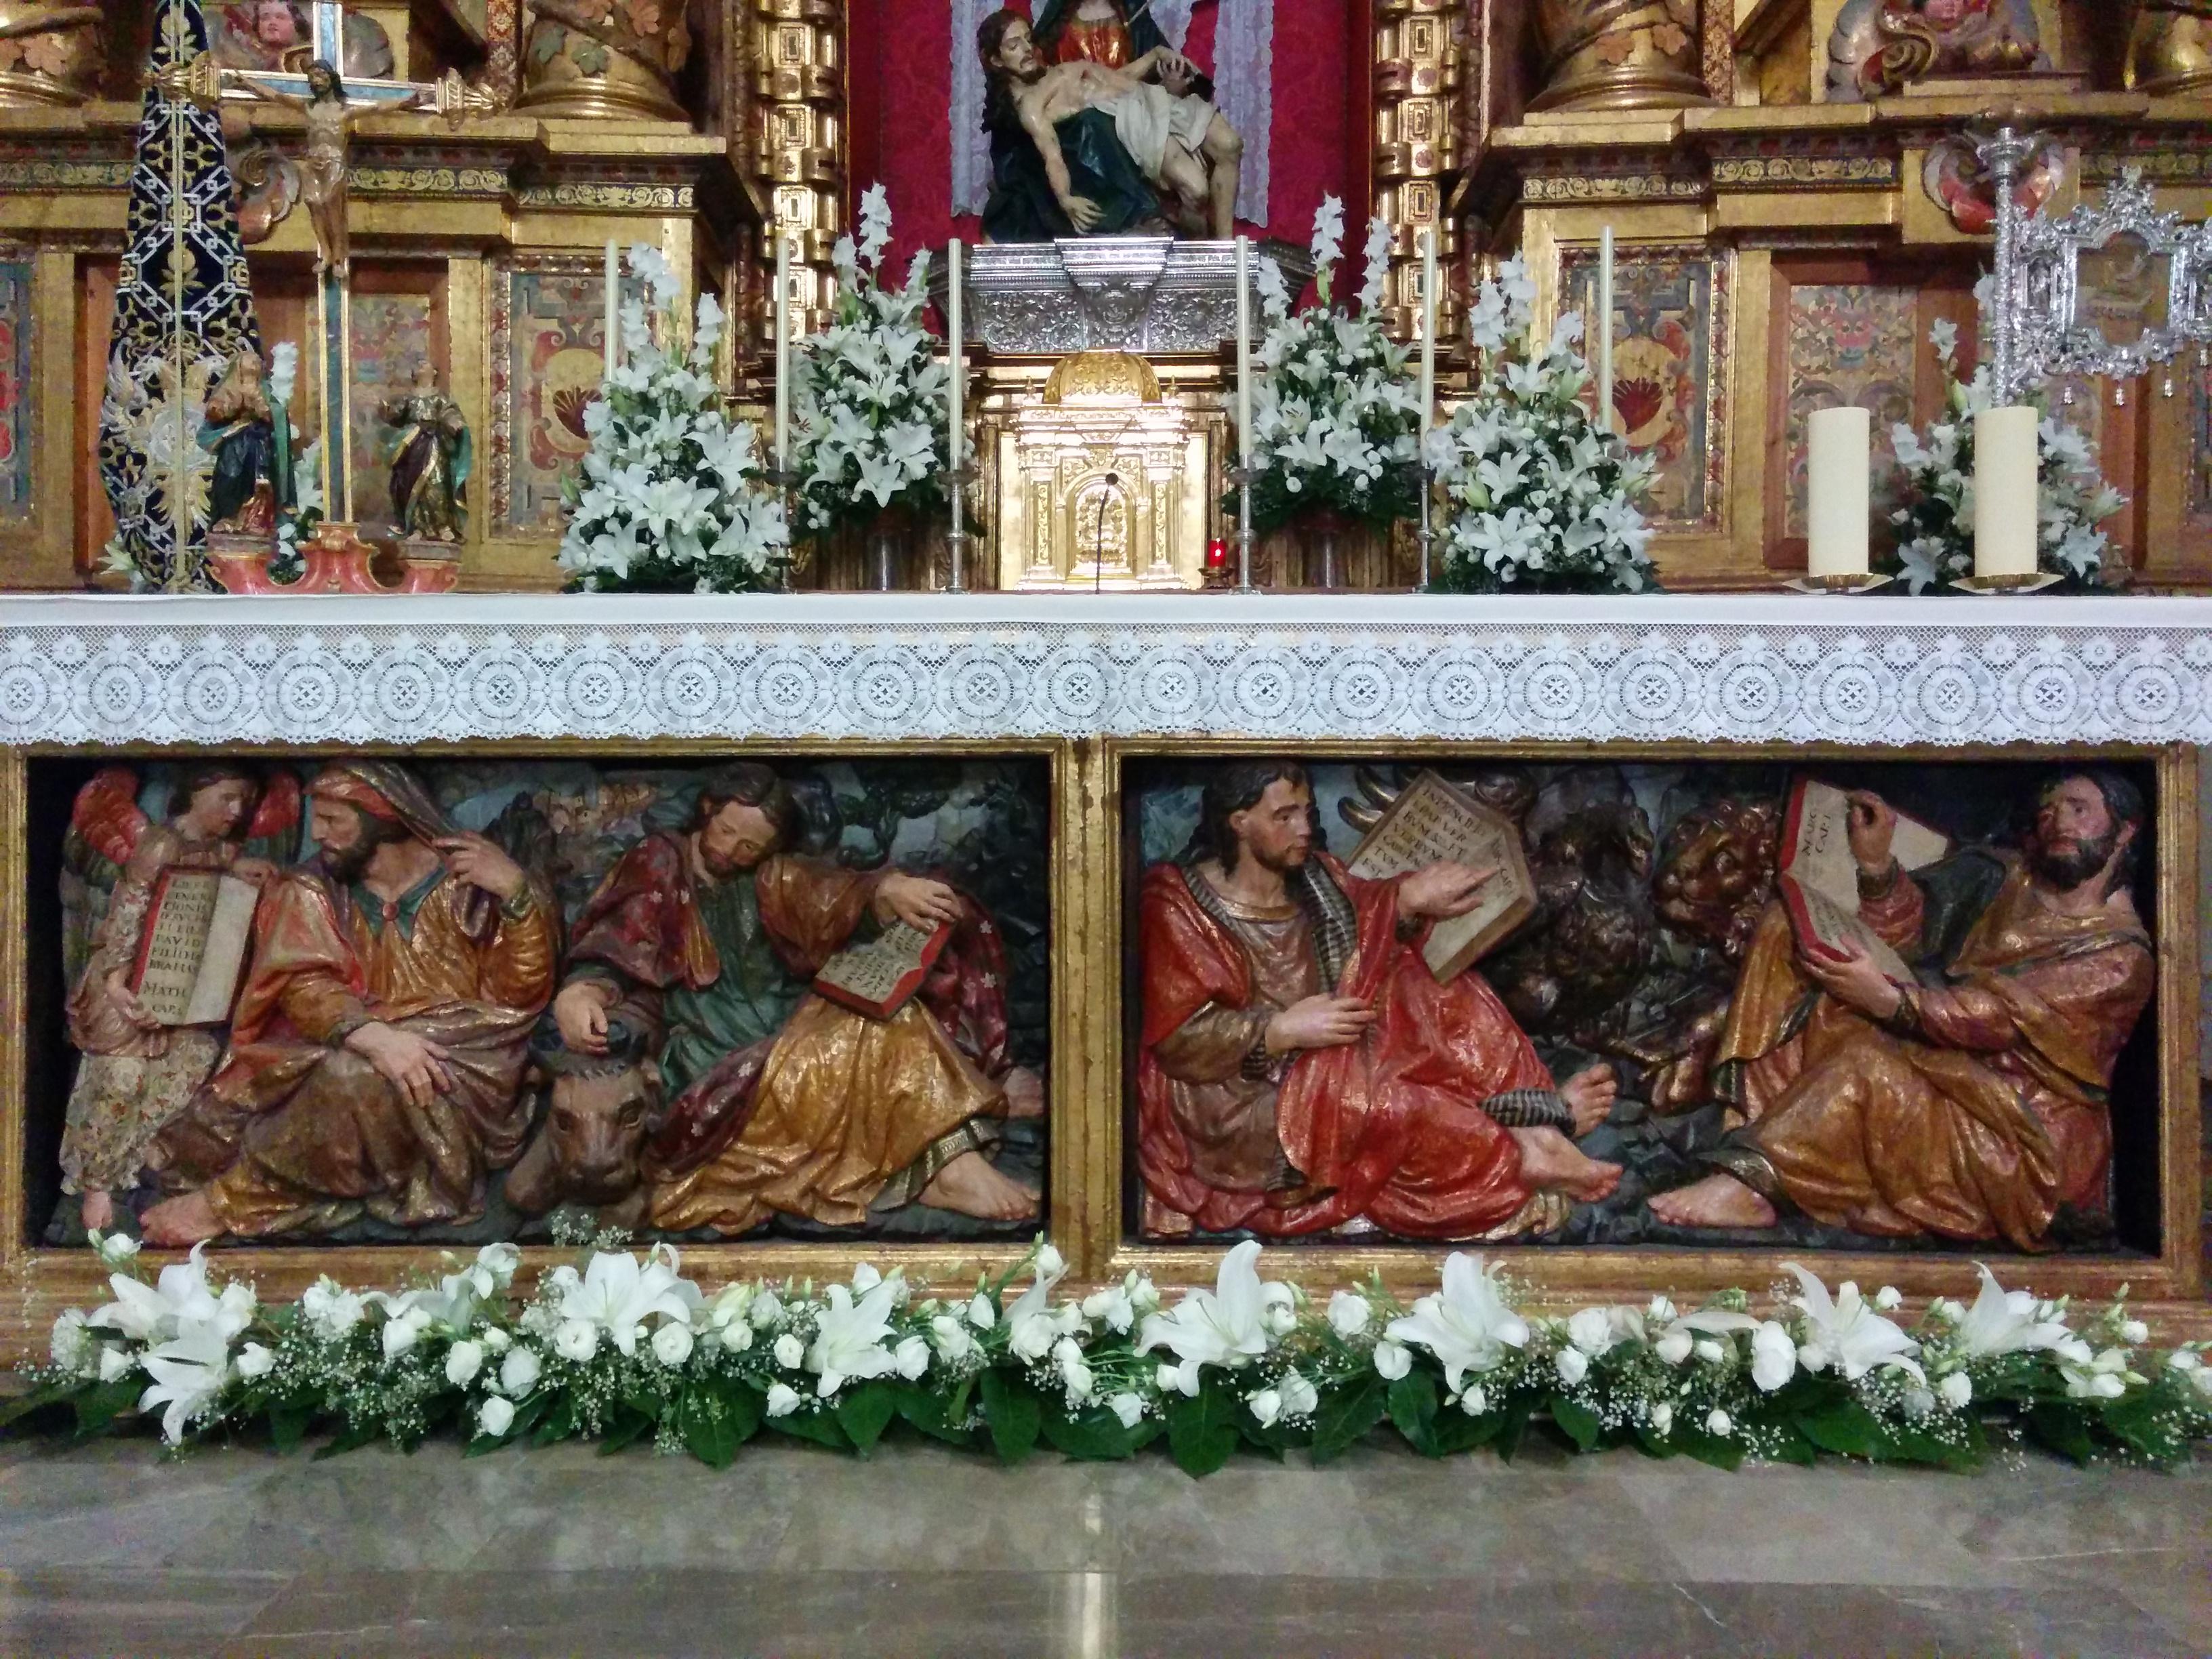 Sur le socle de l'autel de l'église Santa Maria de la Alhambra à Grenade, on voit une image sculptée et peinte. On y voit de gauche à droite: un ange qui présente à l'évangéliste Matthieu le début de son évangile; Marc qui caresse la tête du lion qui est son symbole et qui tient en main une Bible ouverte au début de son évangile; Luc qui tient en main une Bible ouverte au début de son évangile; et Jeran qui qui tient en main une Bible ouverte au début de son évangile.